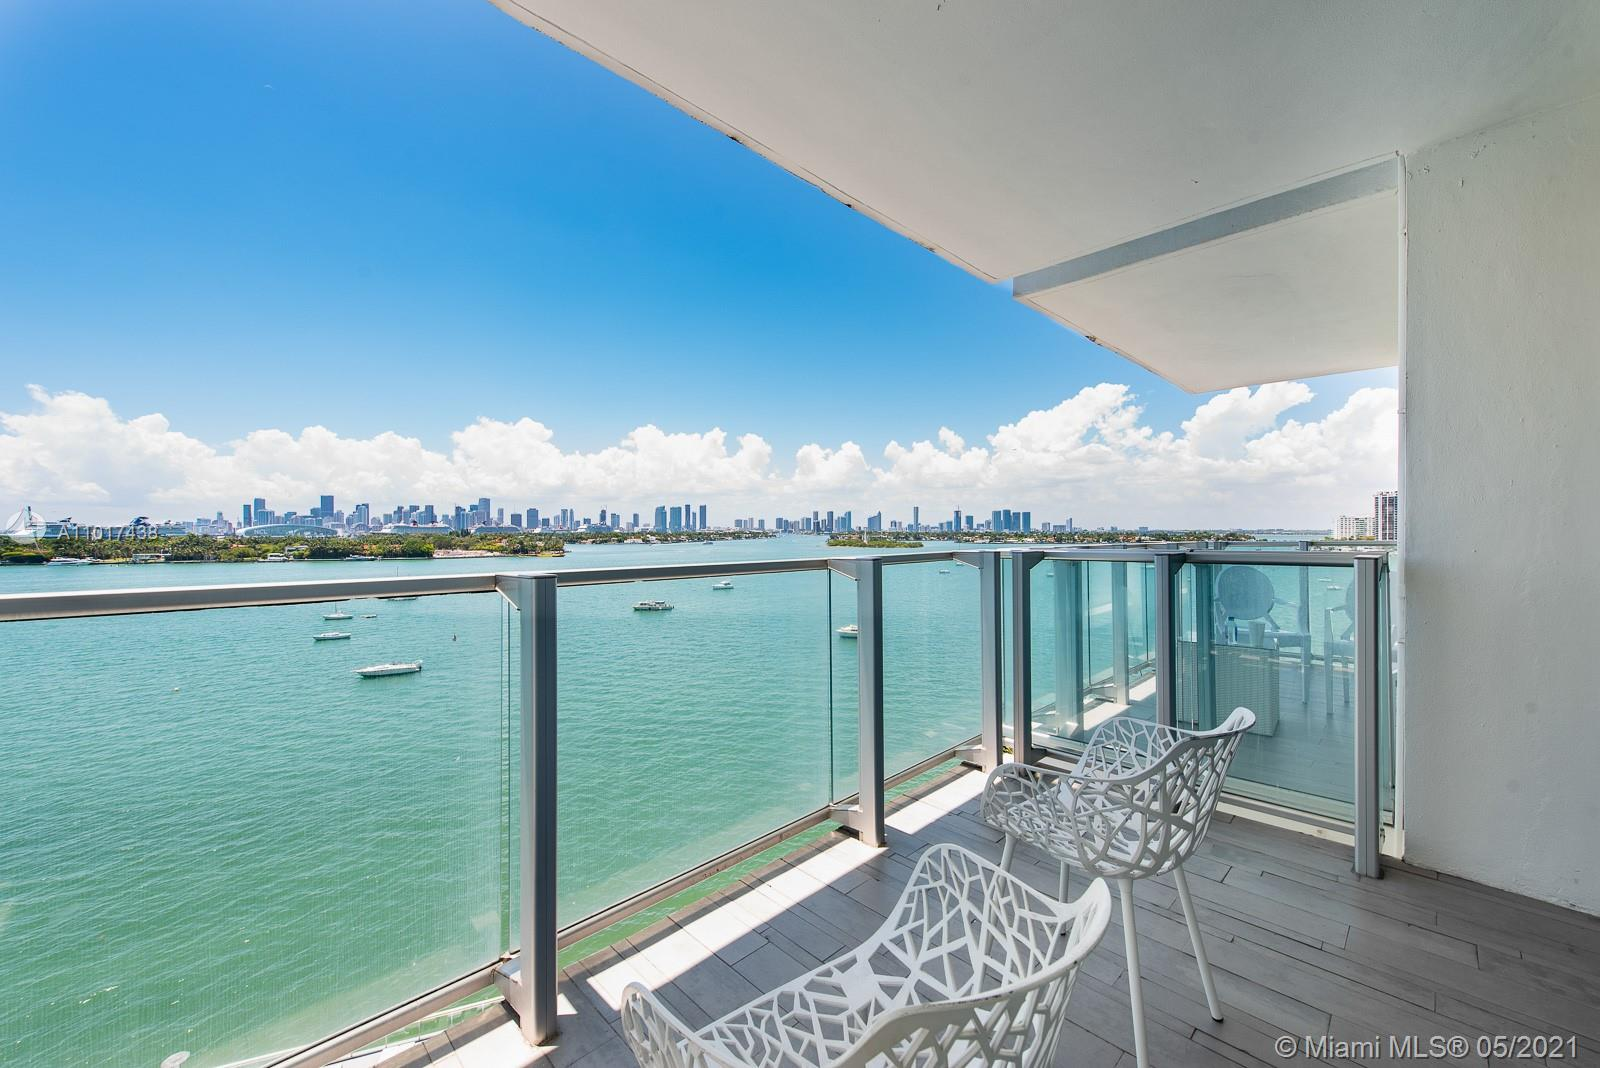 Mondrian South Beach #914 - 1100 West Ave #914, Miami Beach, FL 33139